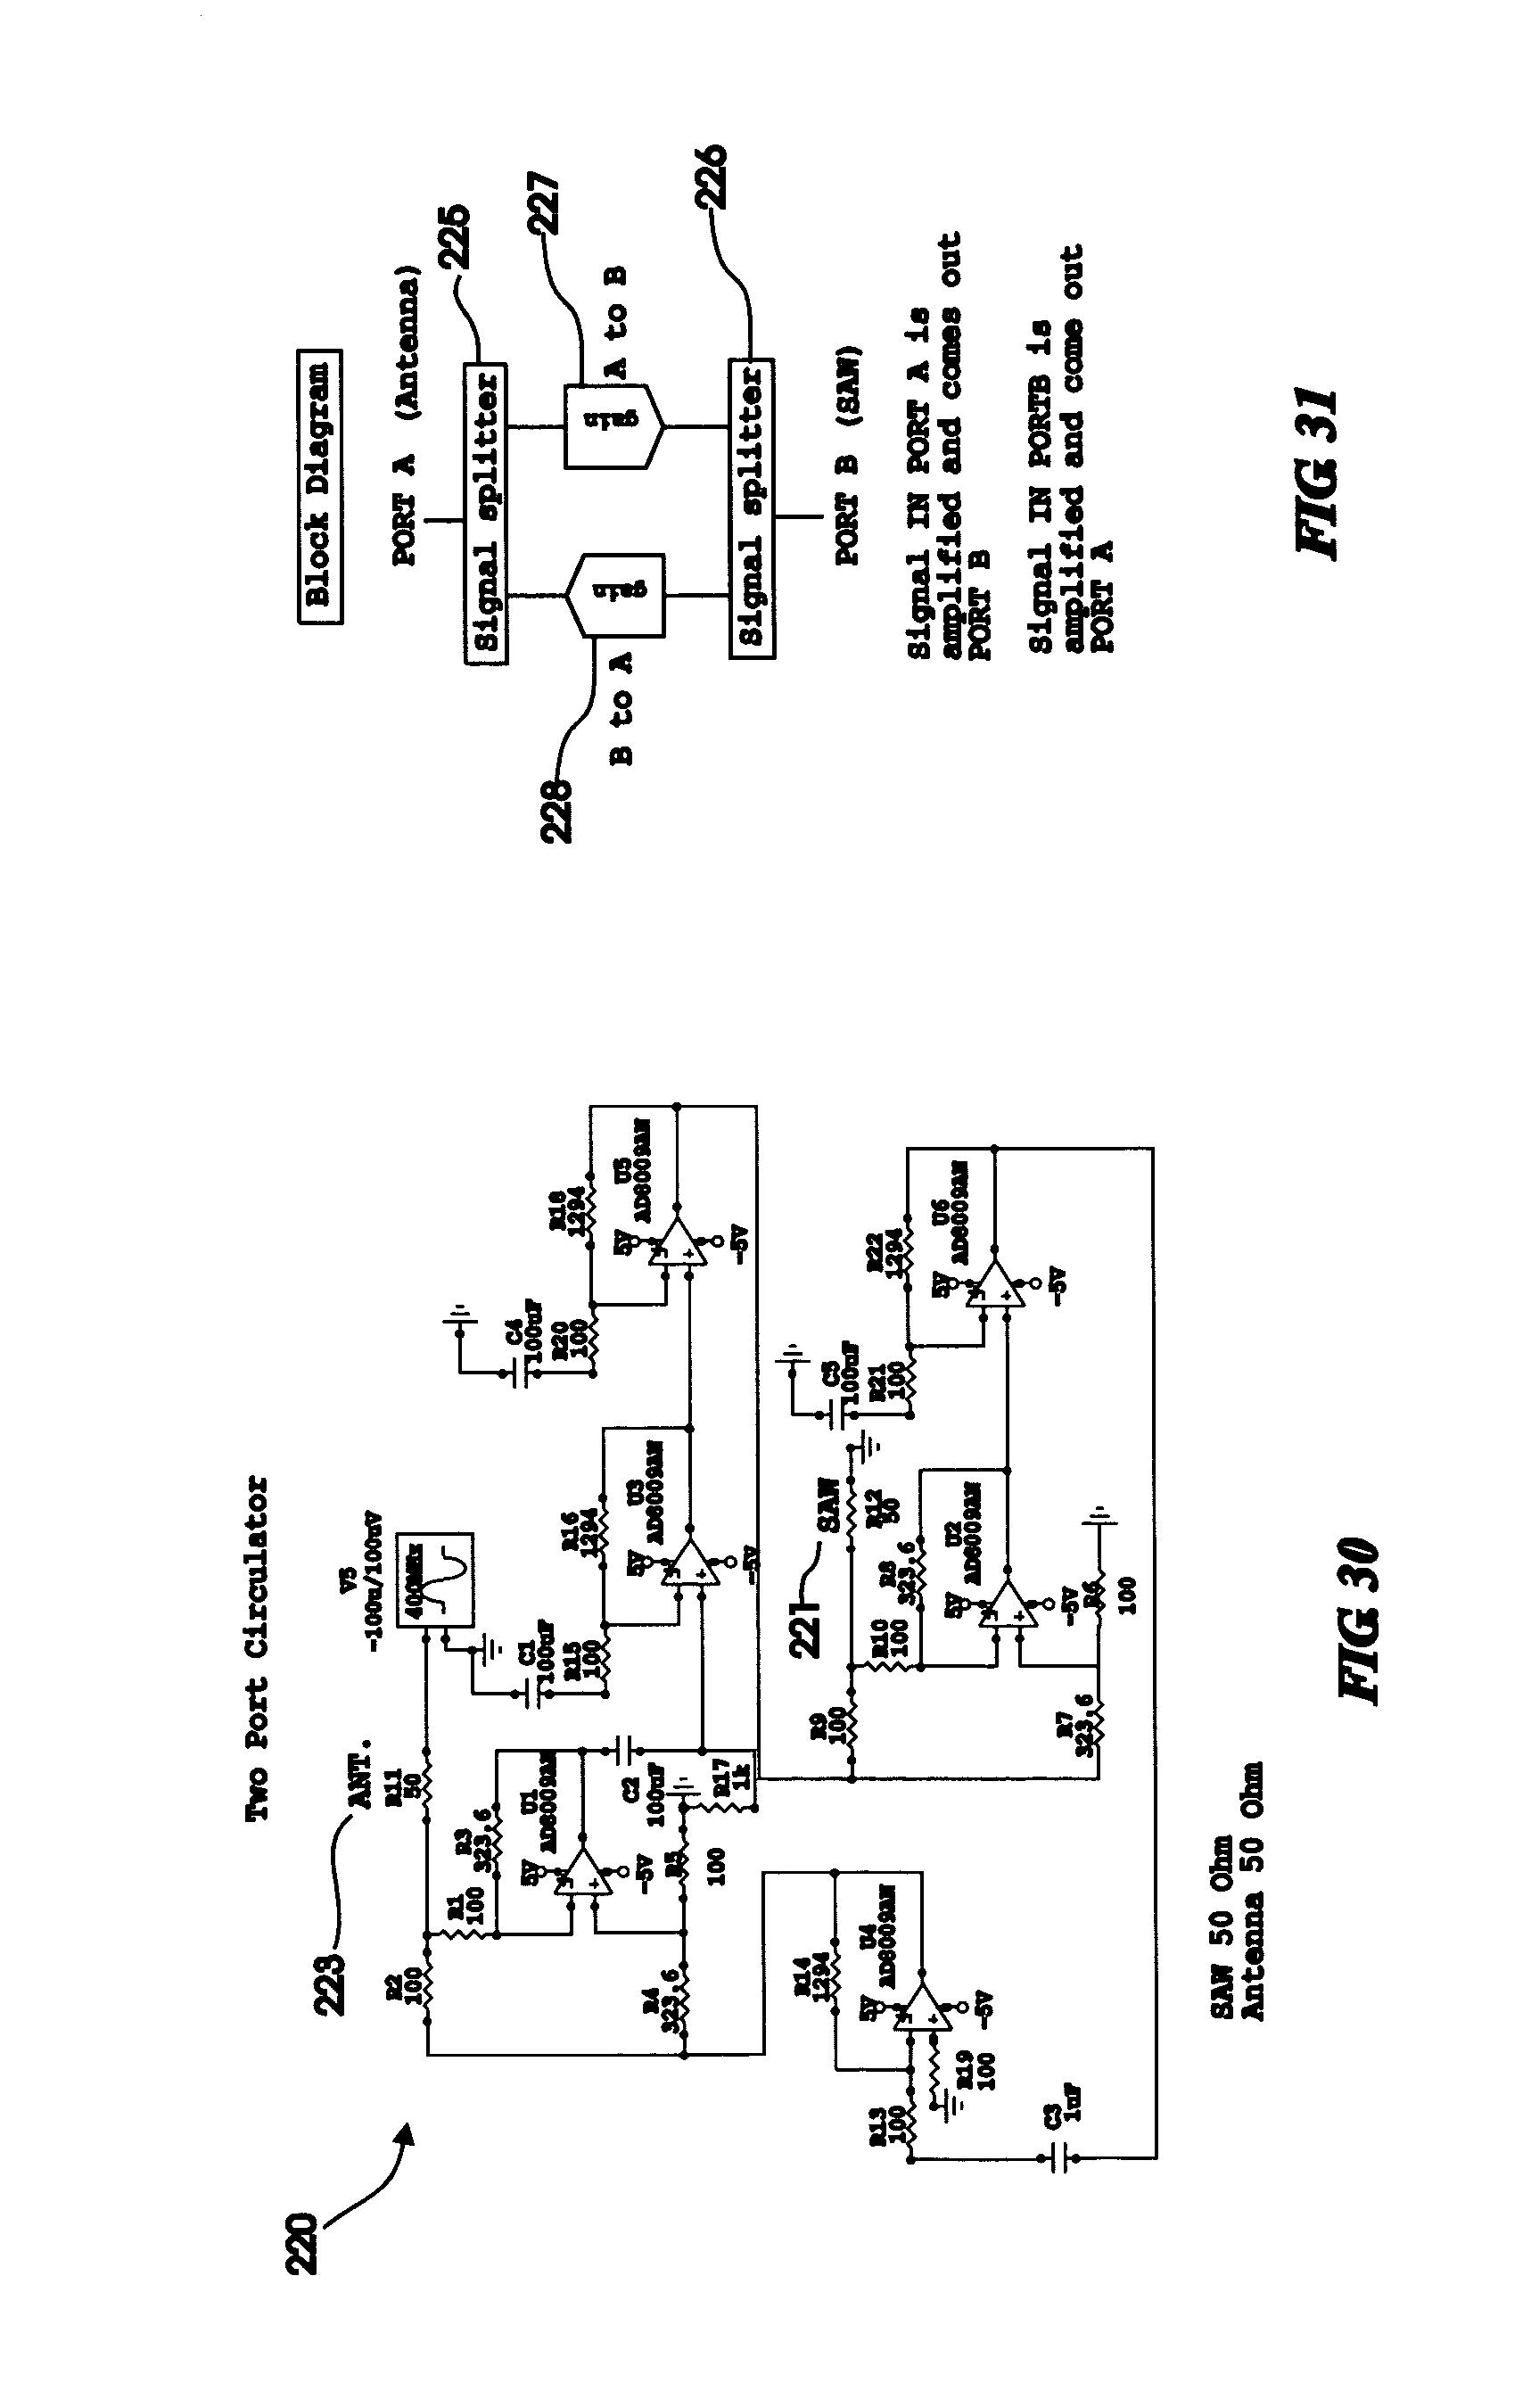 Patent Us 7421321 B2 Printed Circuit Board Assemblies Gt Radar Inc Images